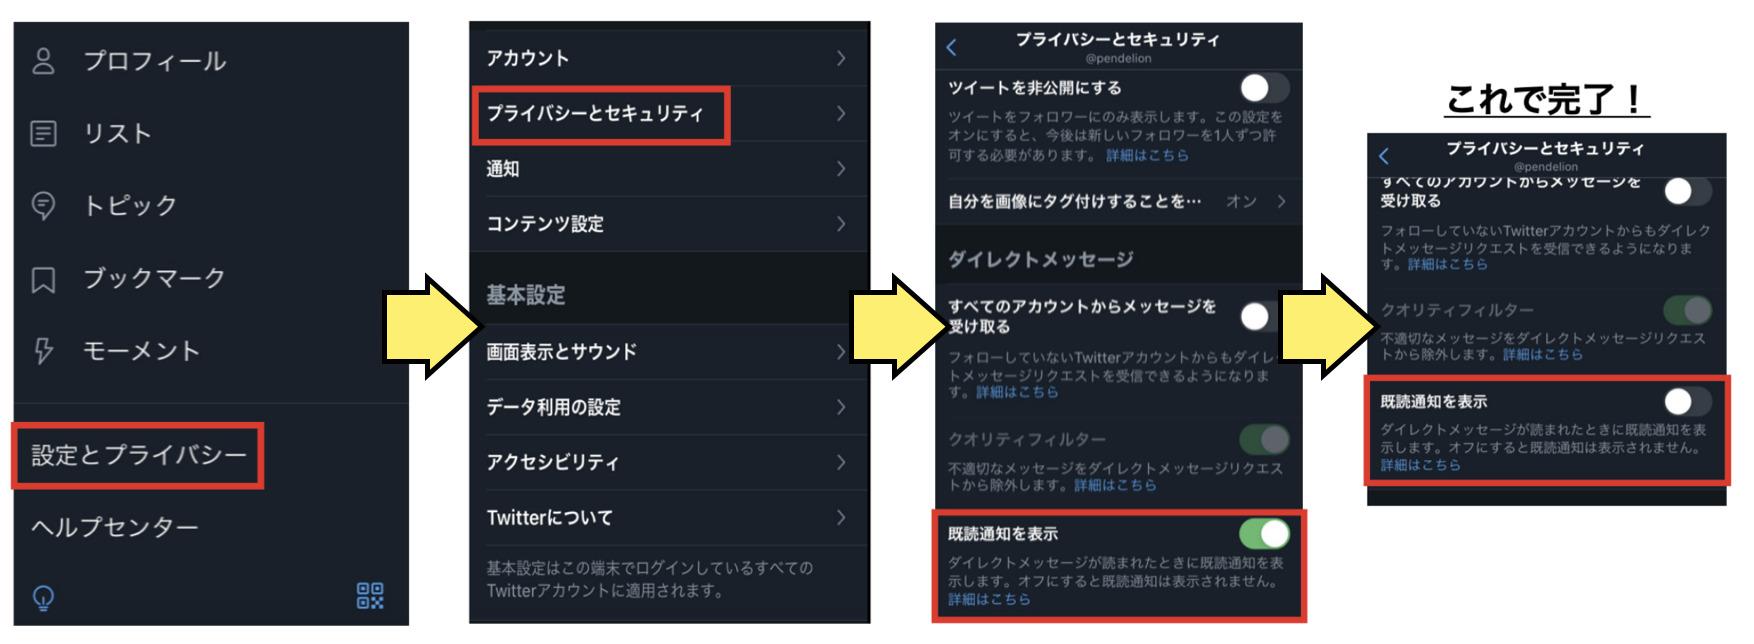 スマホのアプリでDMに既読マークをつけない方法